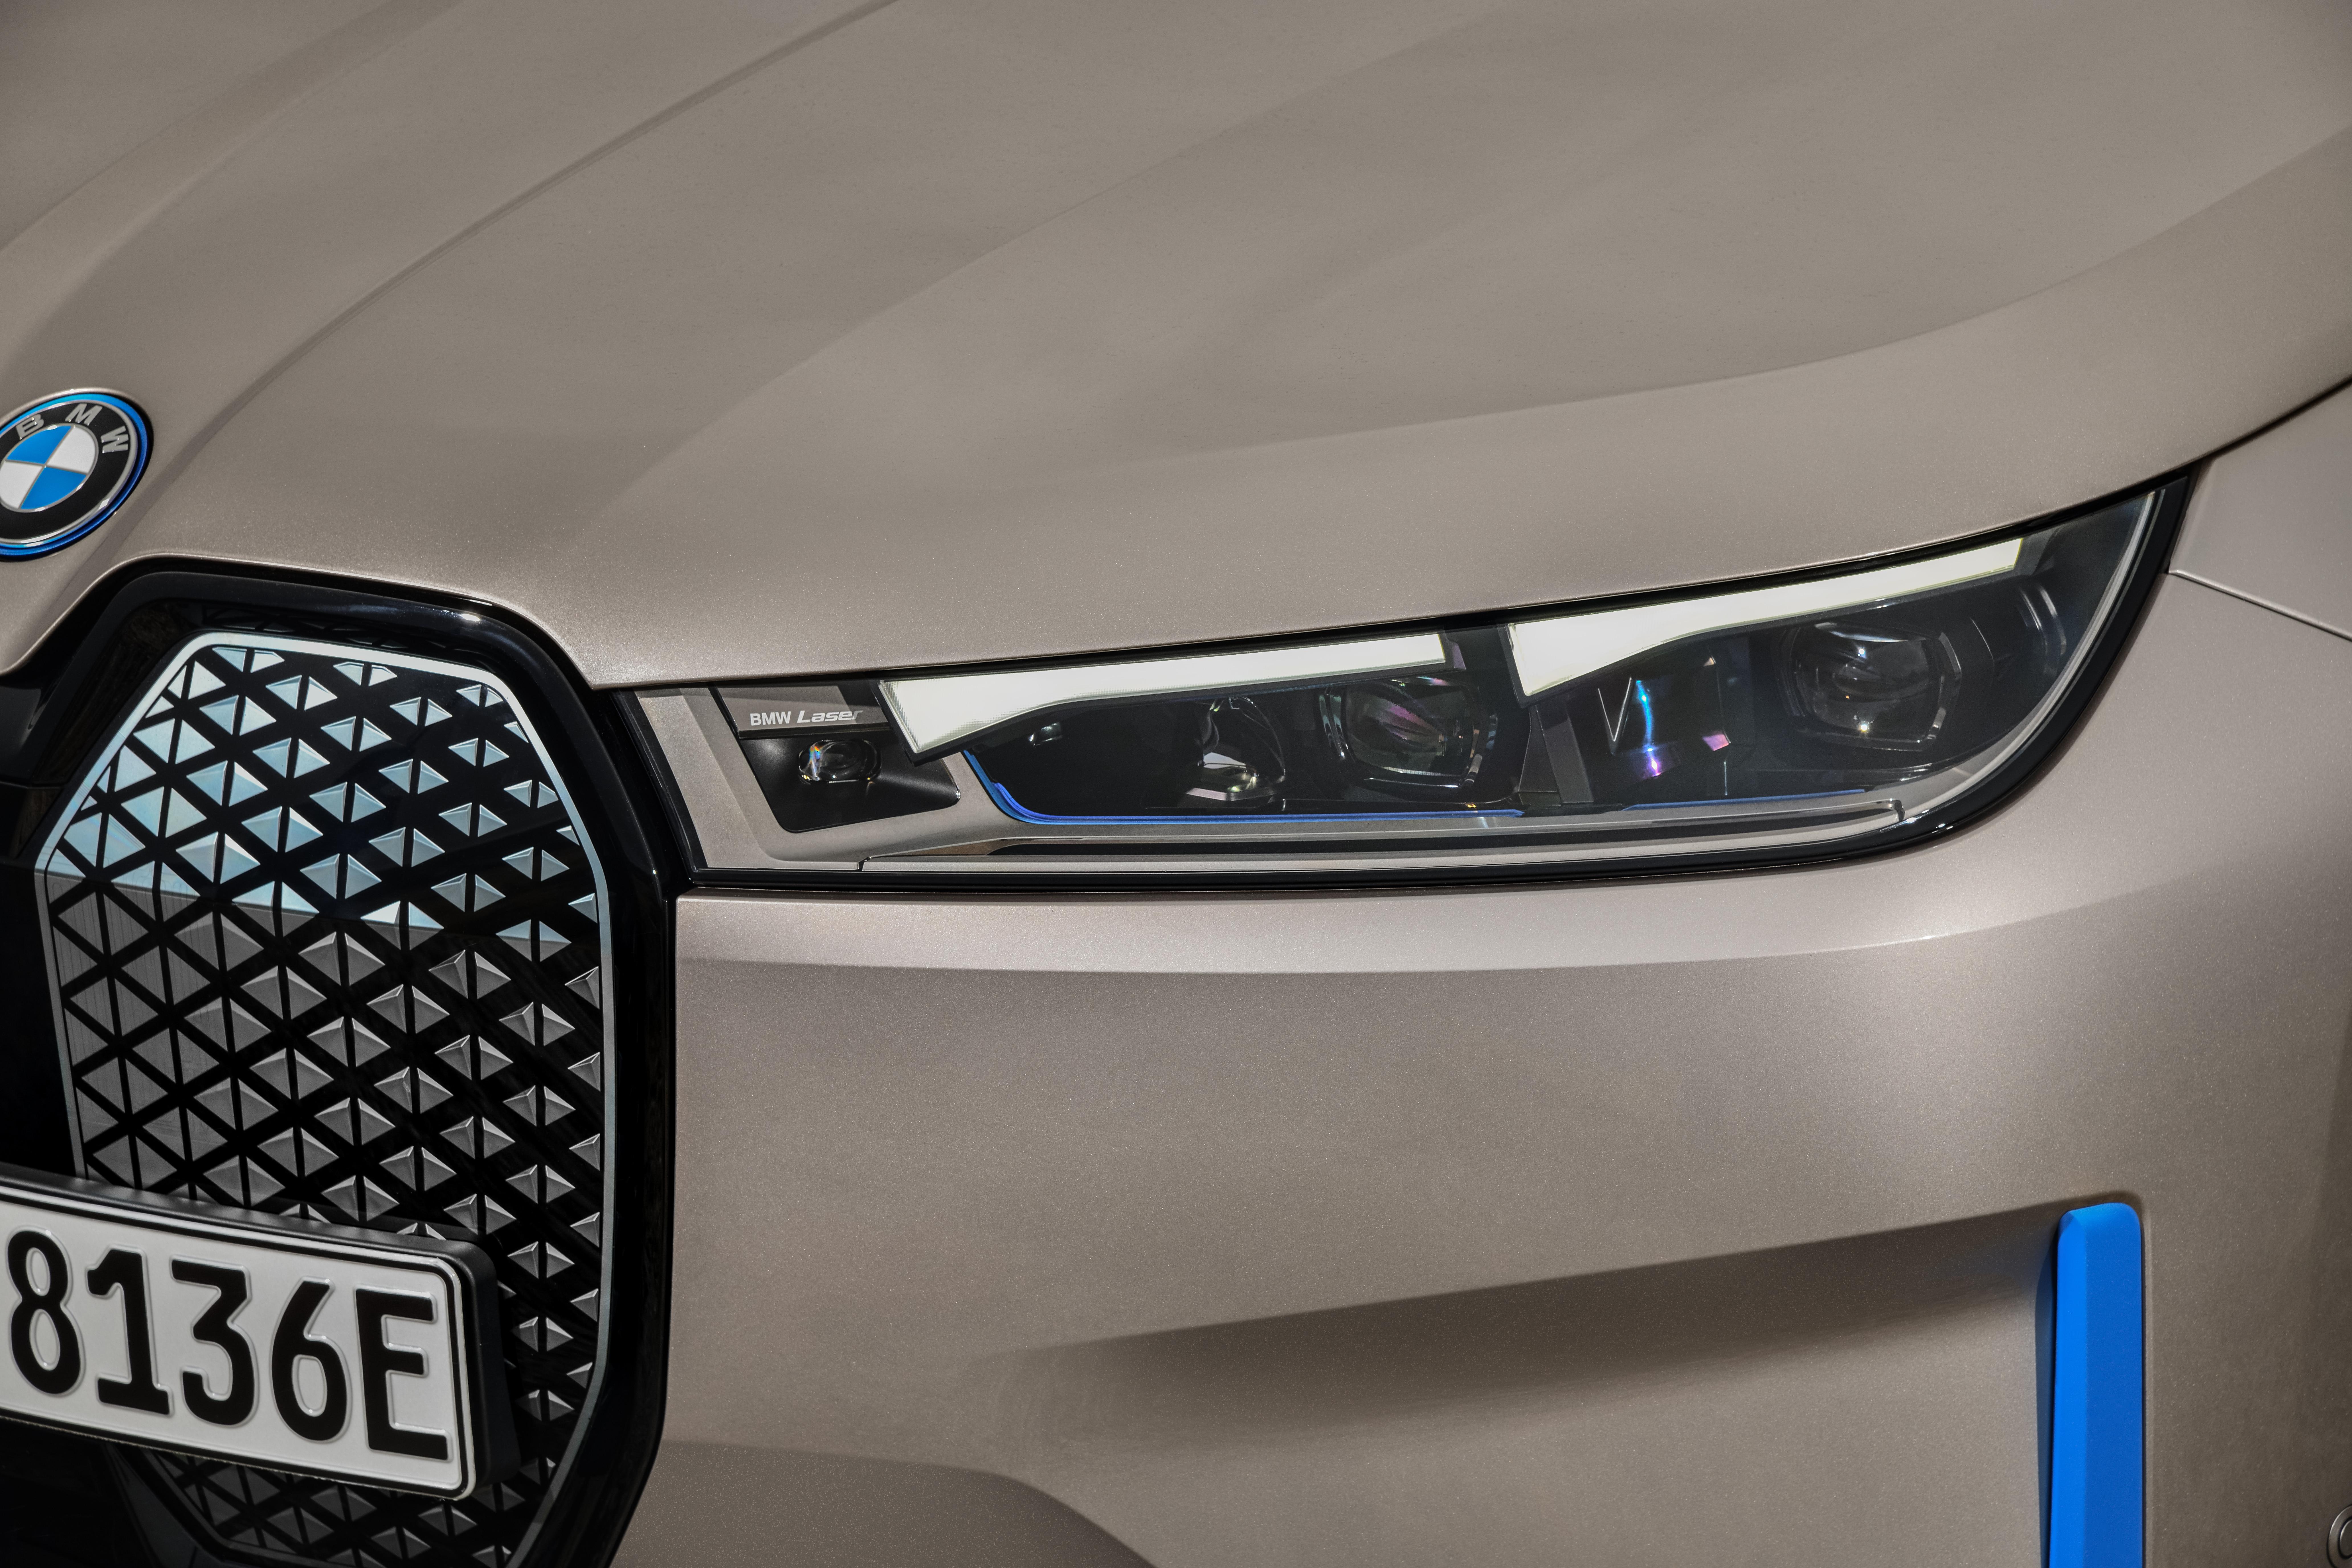 BMW announces the iX, its next-gen electric flagship